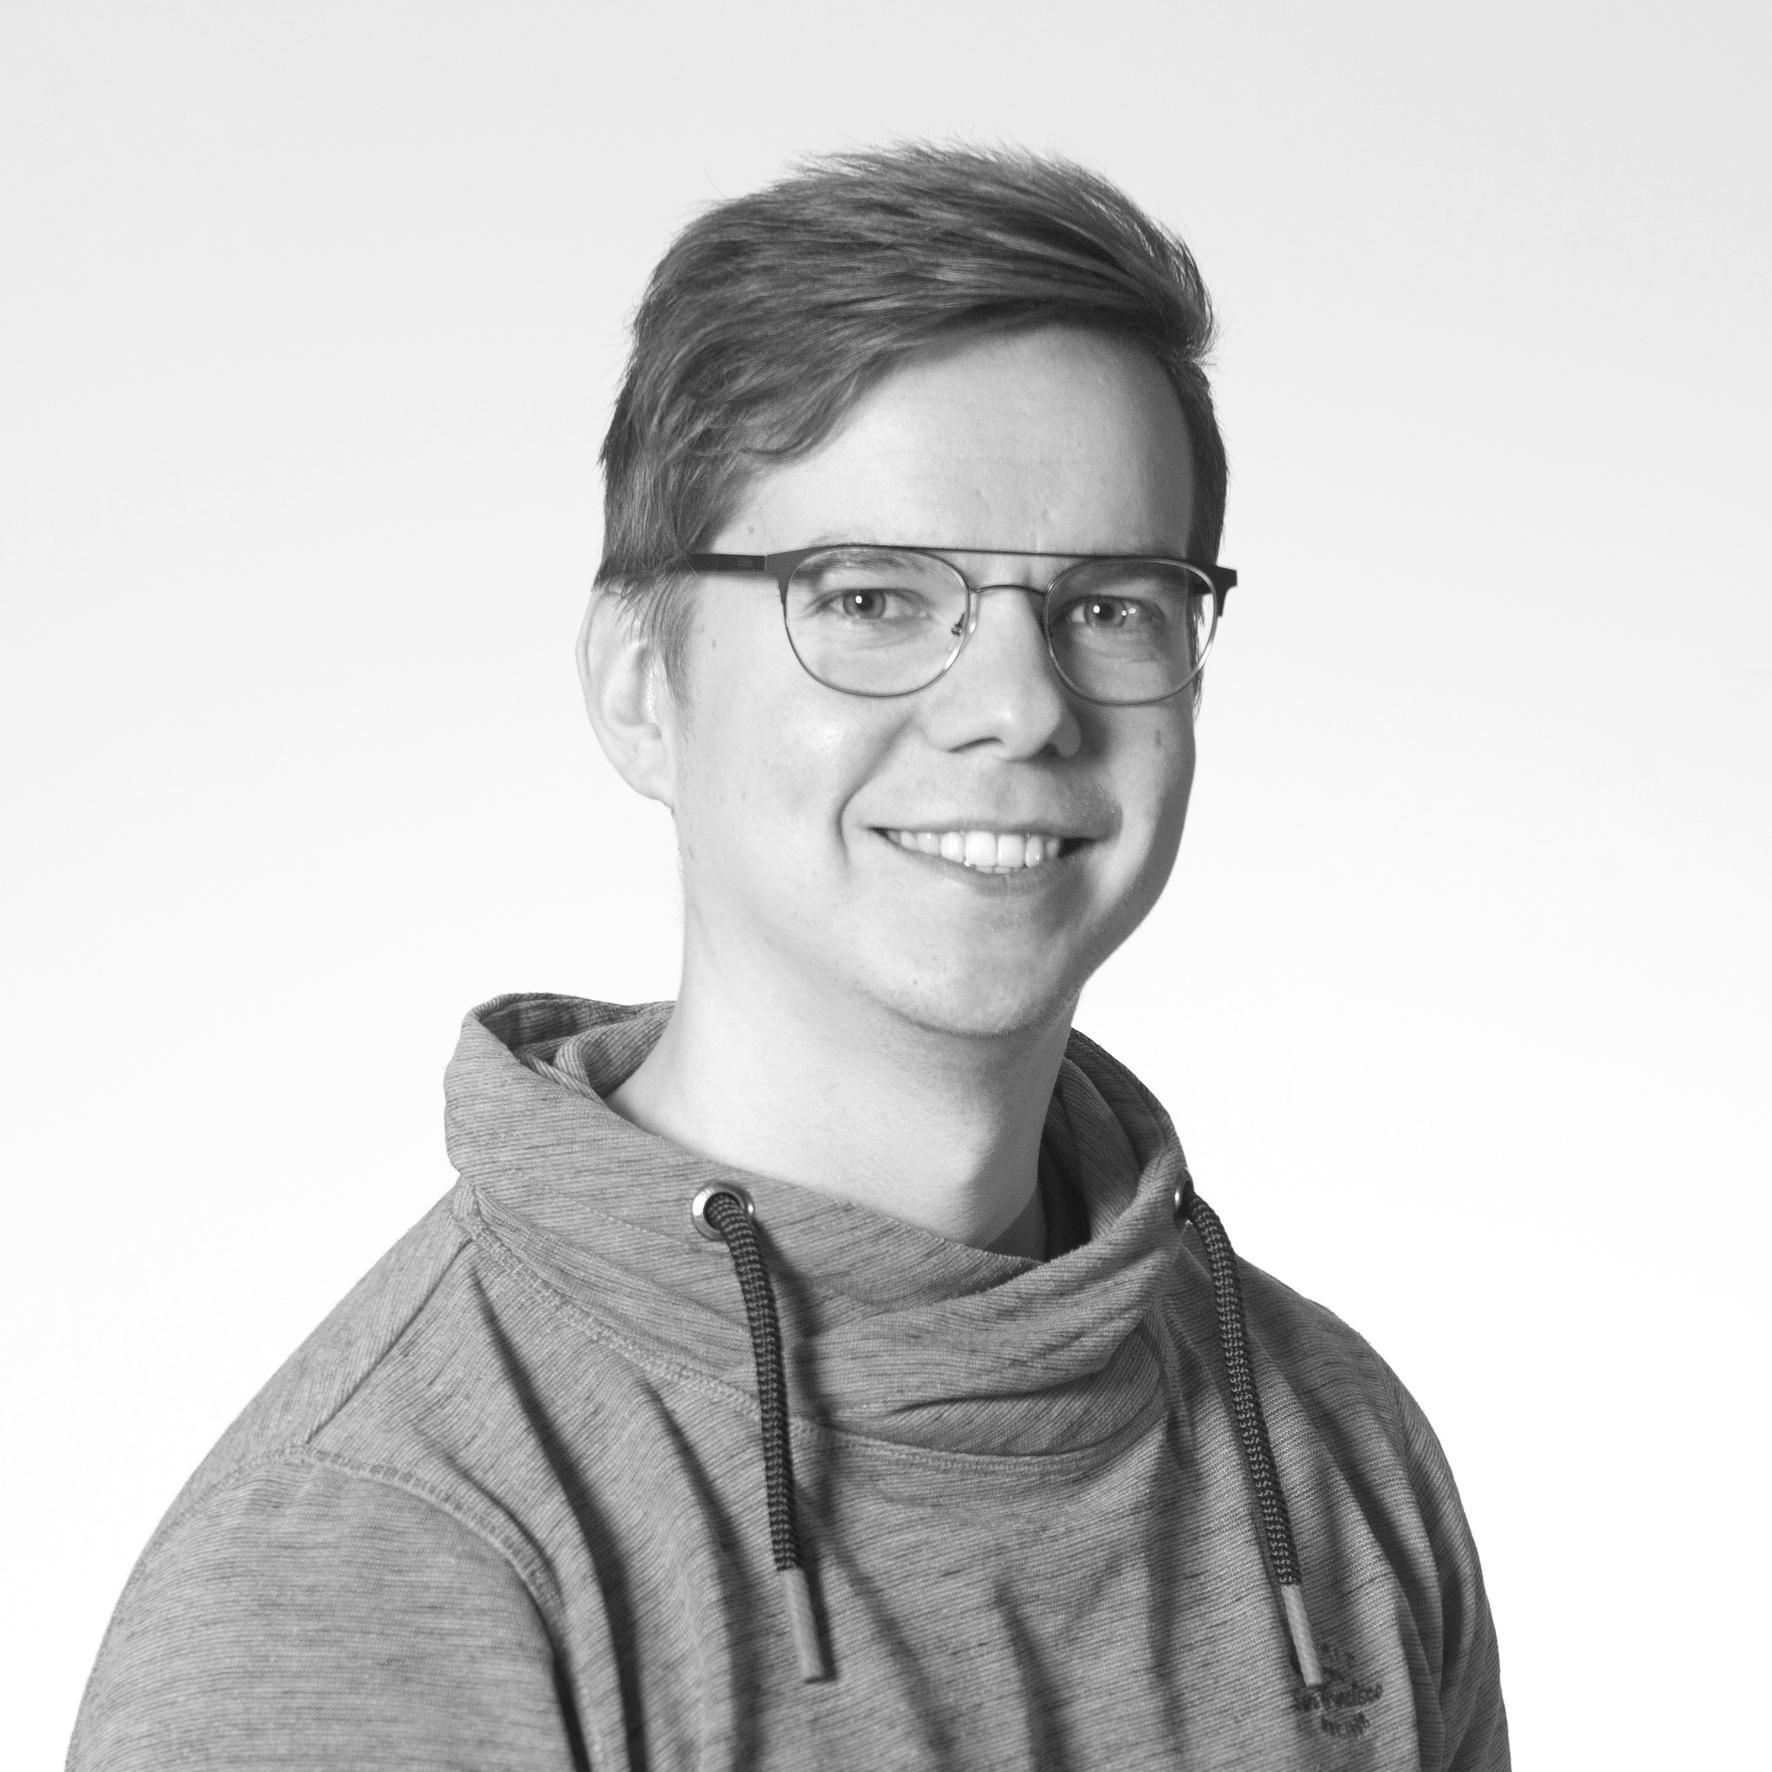 Jukka Niemisen mustavalkoinen profiilikuva